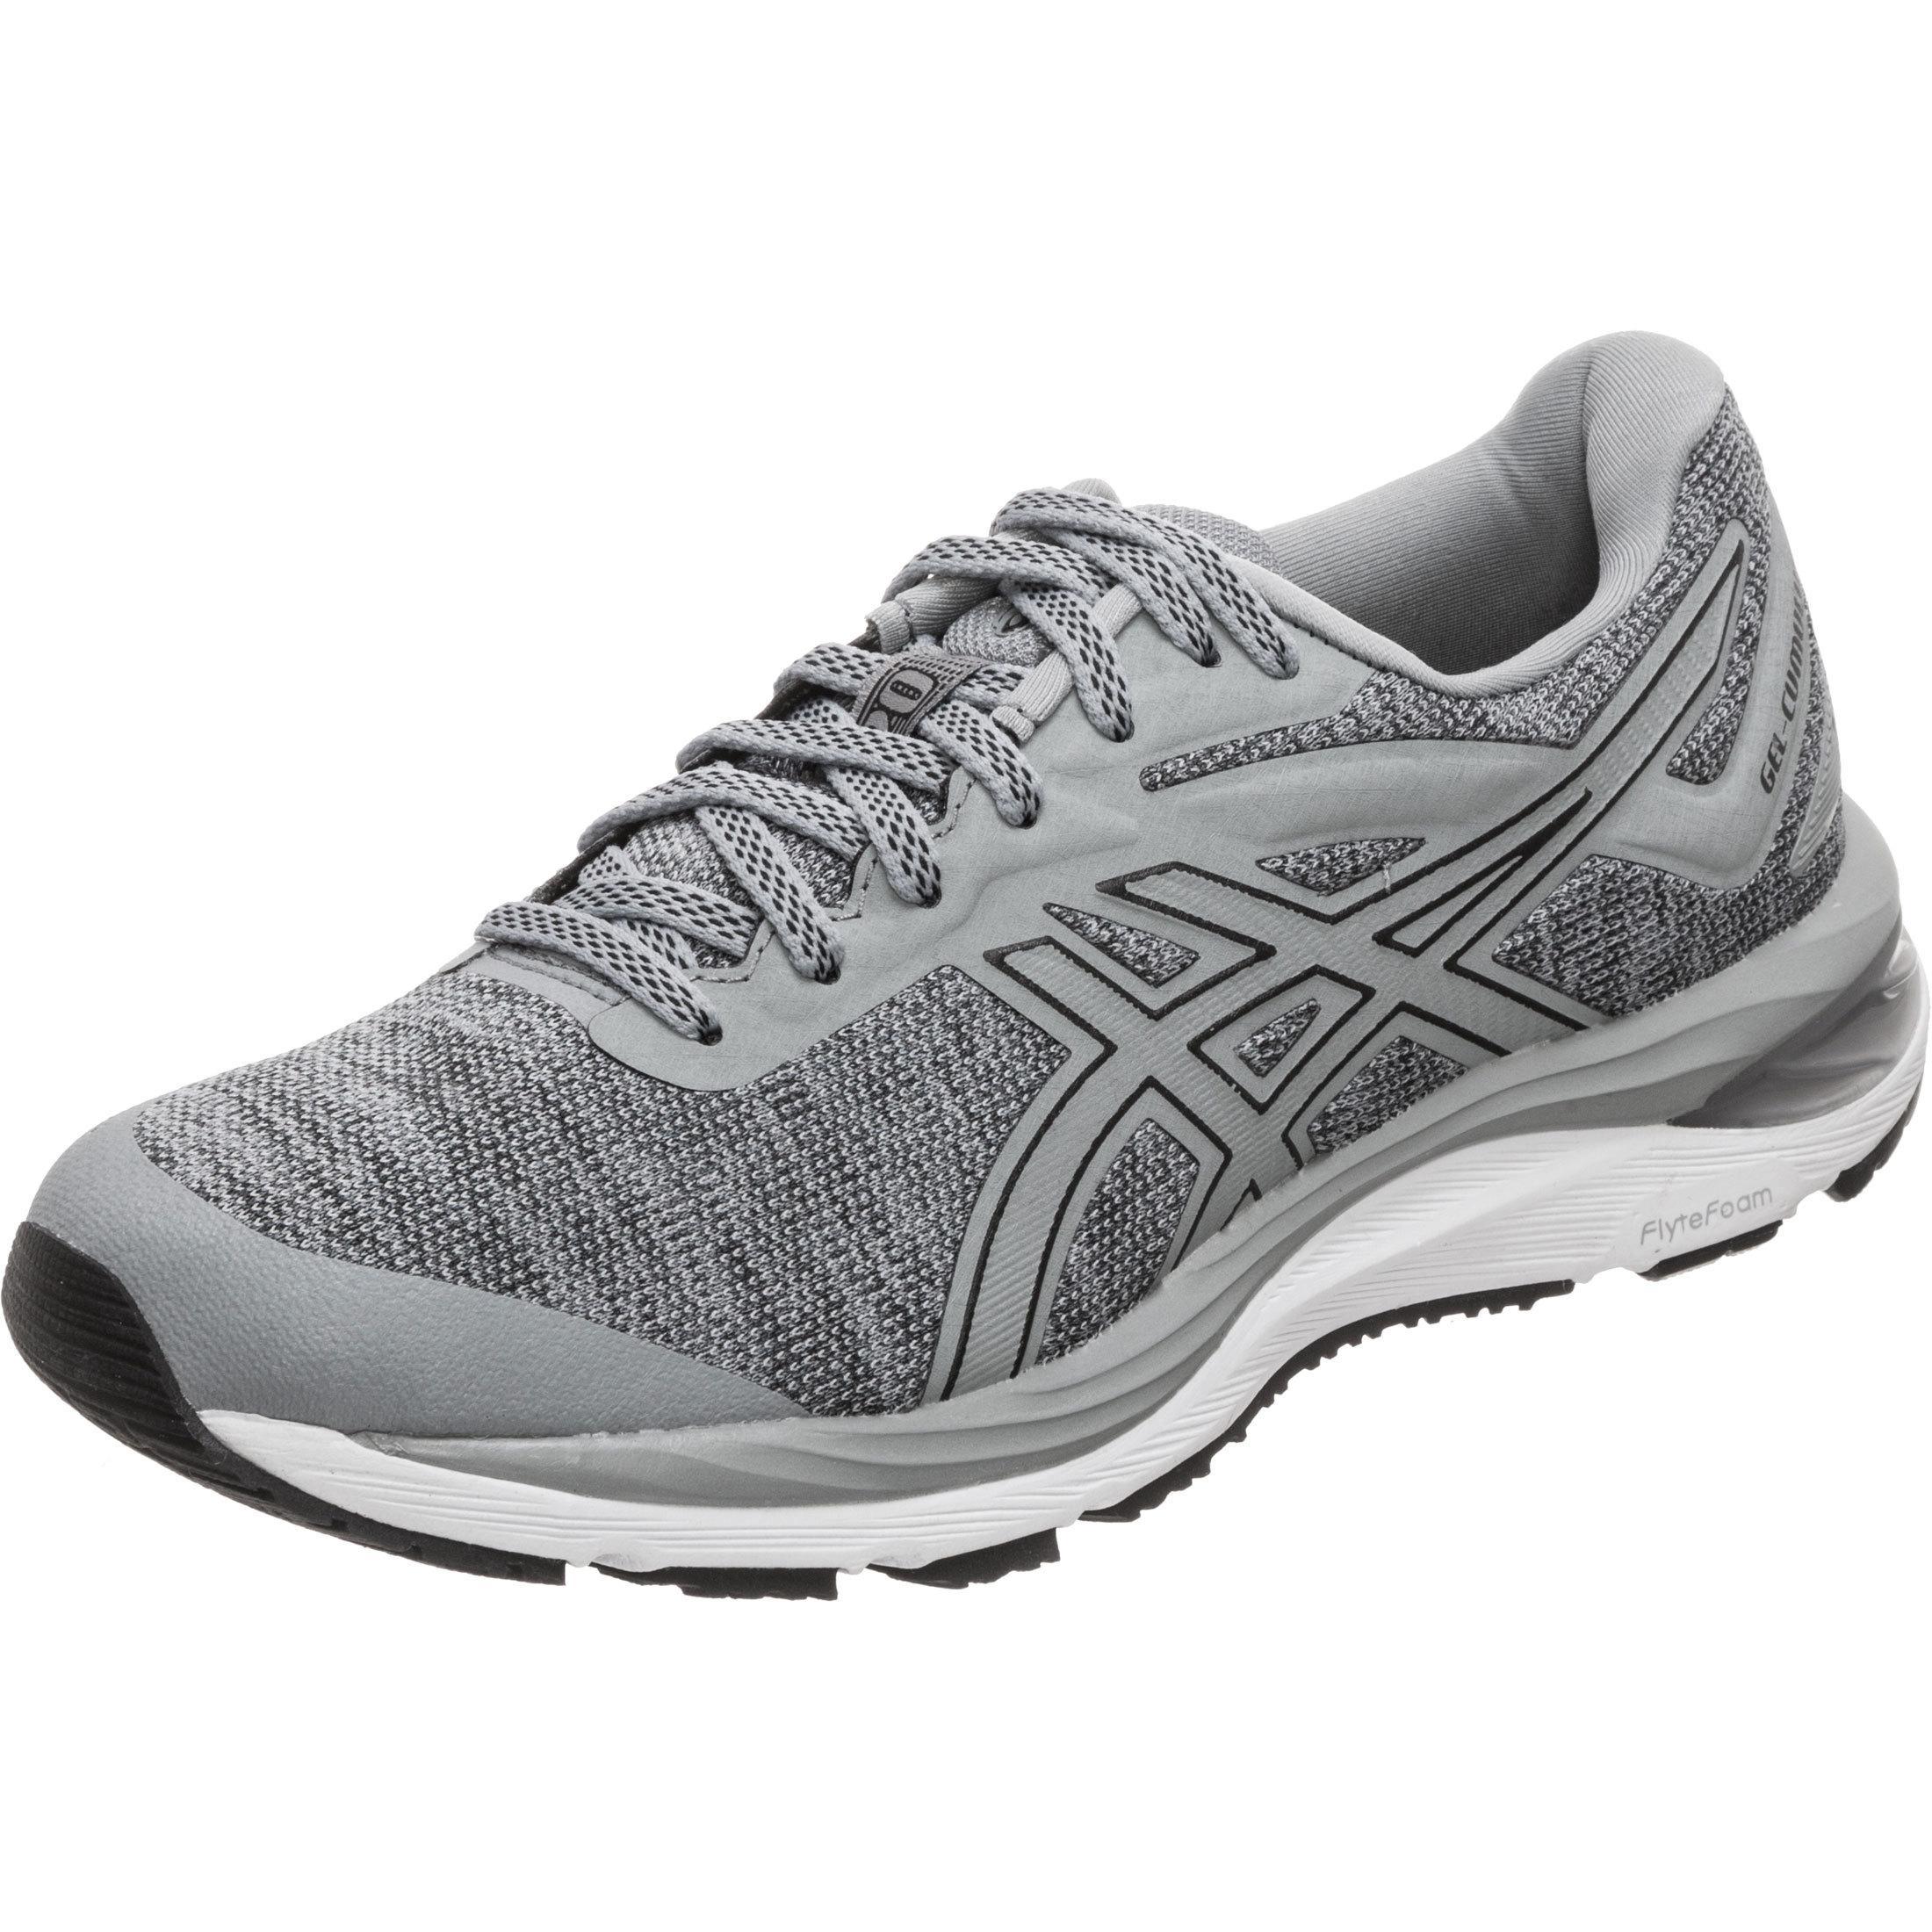 ASICS Gel-Cumulus 20 MX Laufschuhe Damen grau / schwarz im Online Shop von  SportScheck kaufen